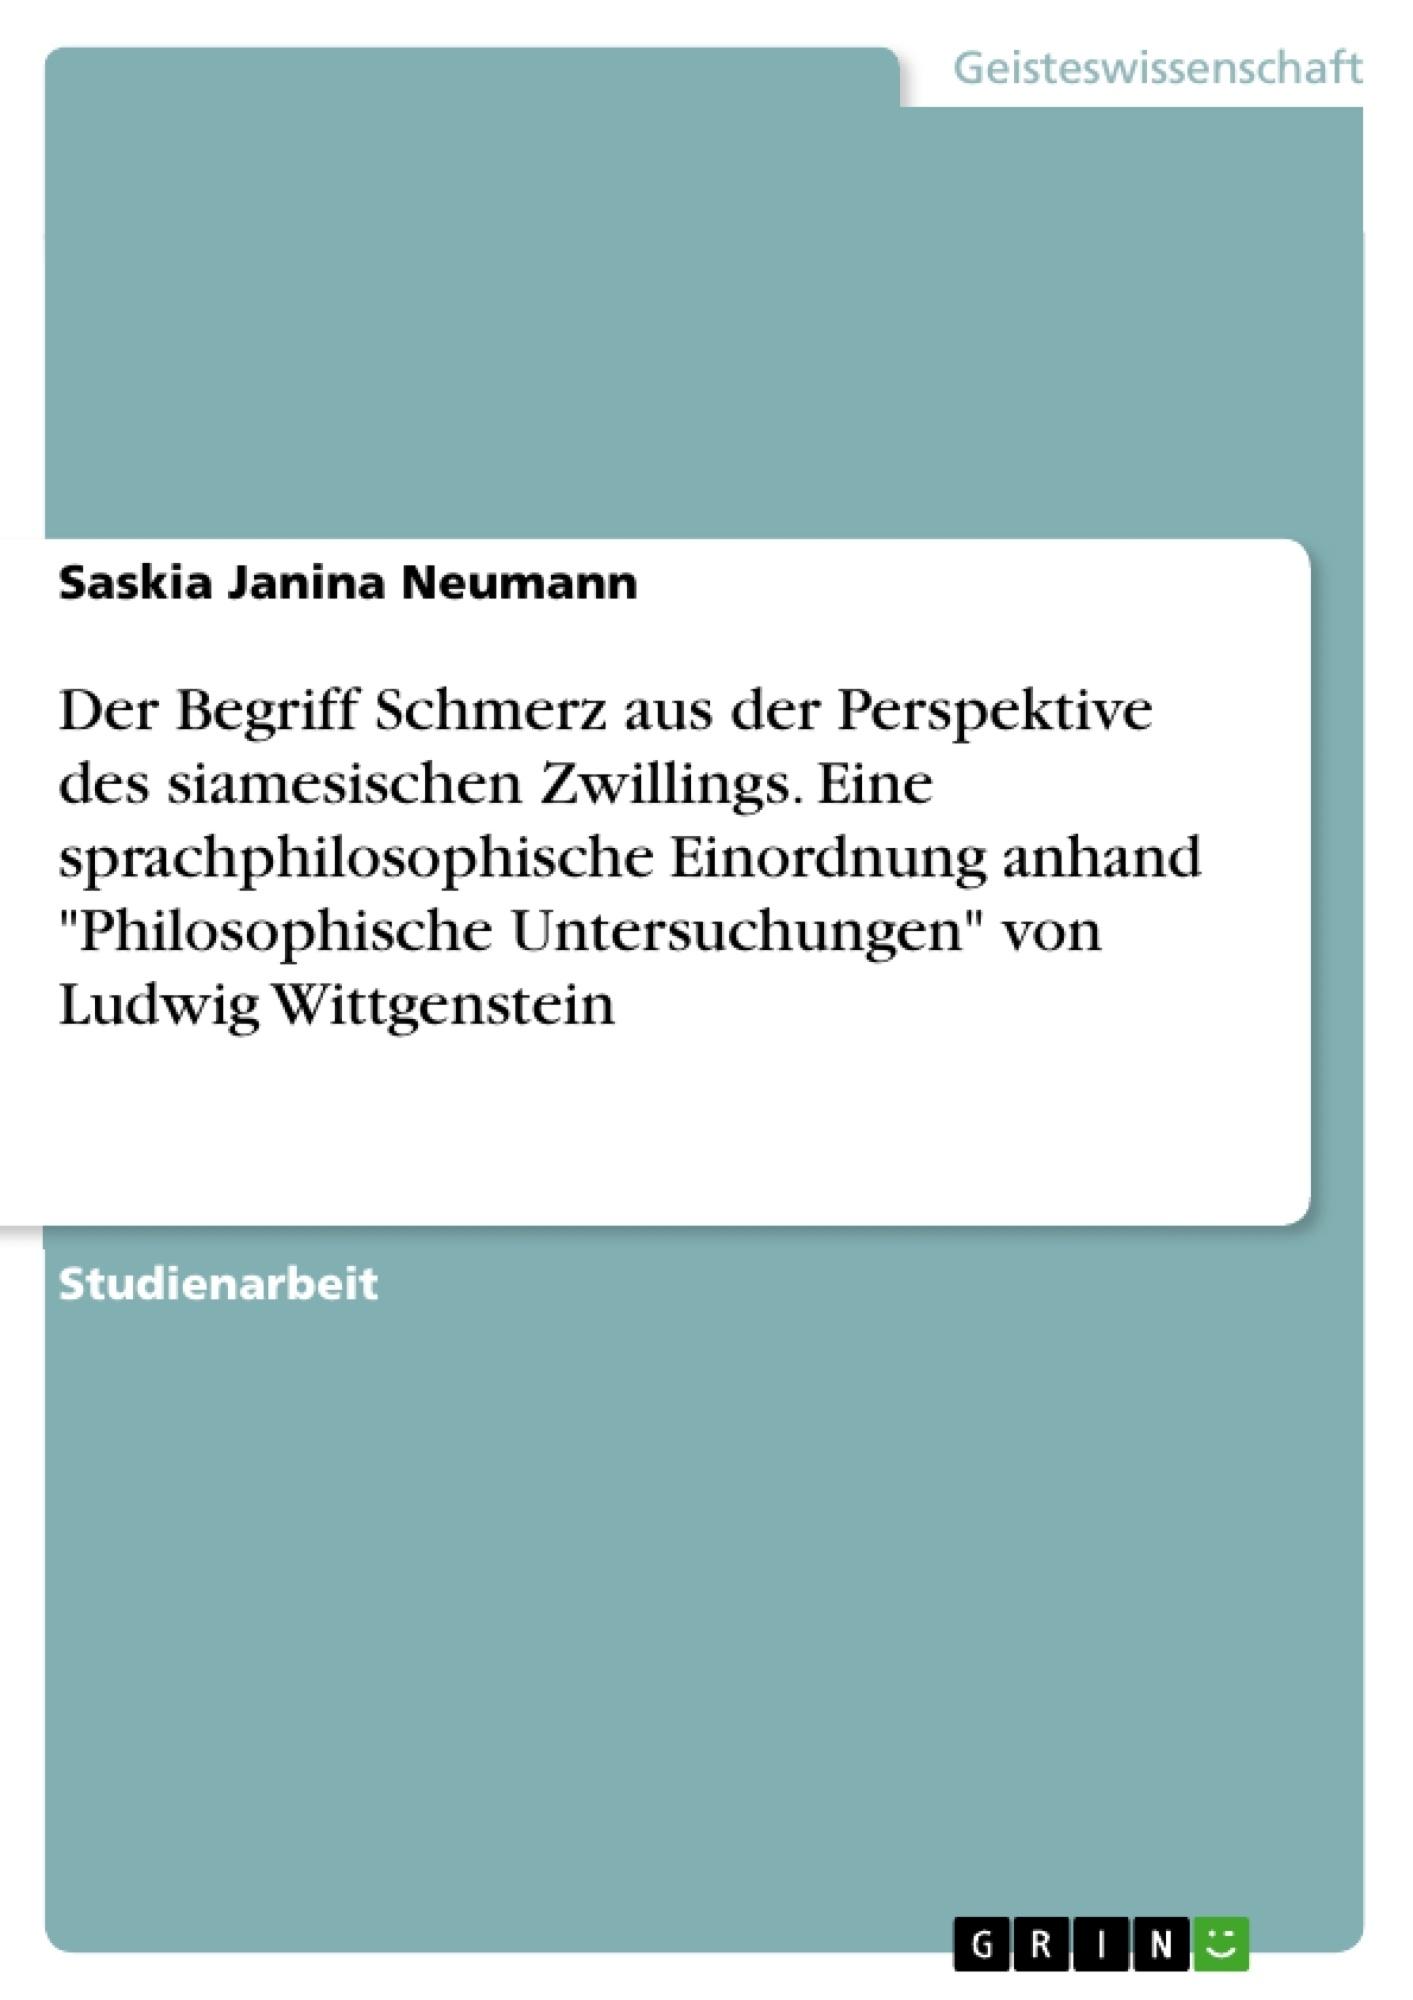 """Titel: Der Begriff Schmerz aus der Perspektive des siamesischen Zwillings. Eine sprachphilosophische Einordnung anhand """"Philosophische Untersuchungen"""" von Ludwig Wittgenstein"""